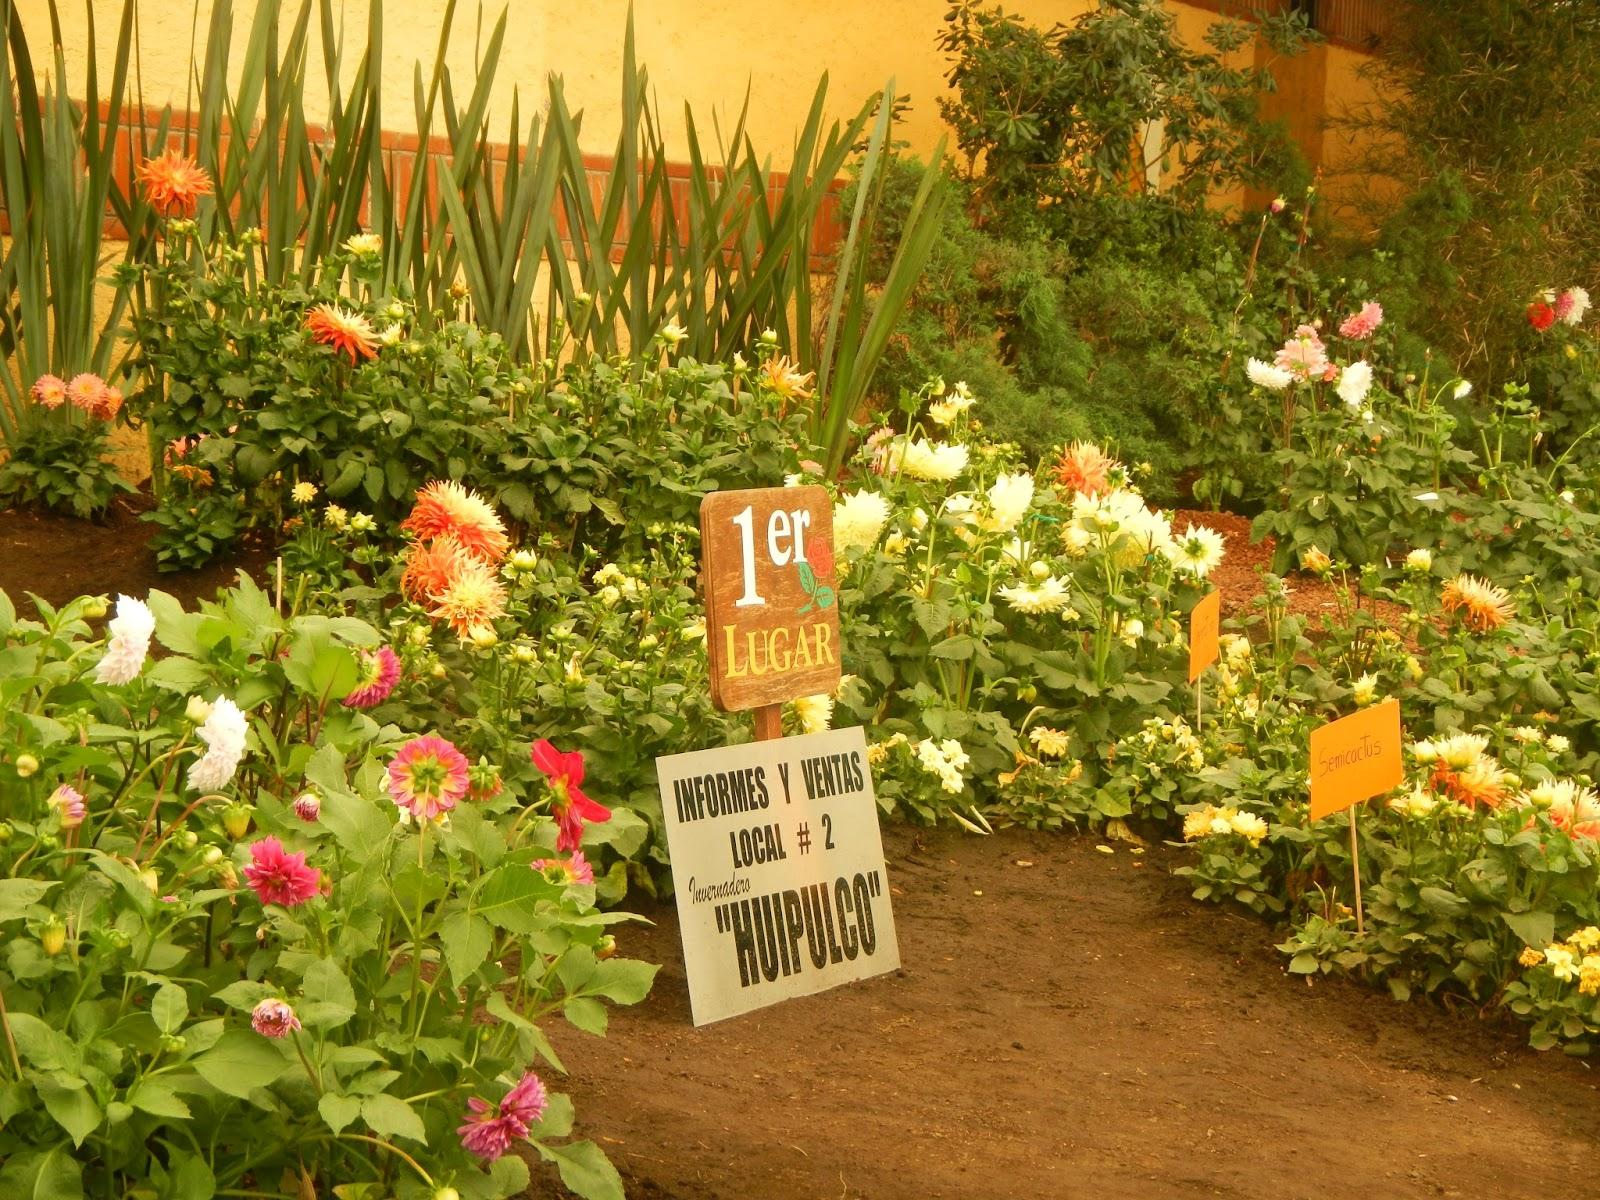 Mercado de plantas viveros de coyoac n heriberto el conejo for Viveros de plantas en lima